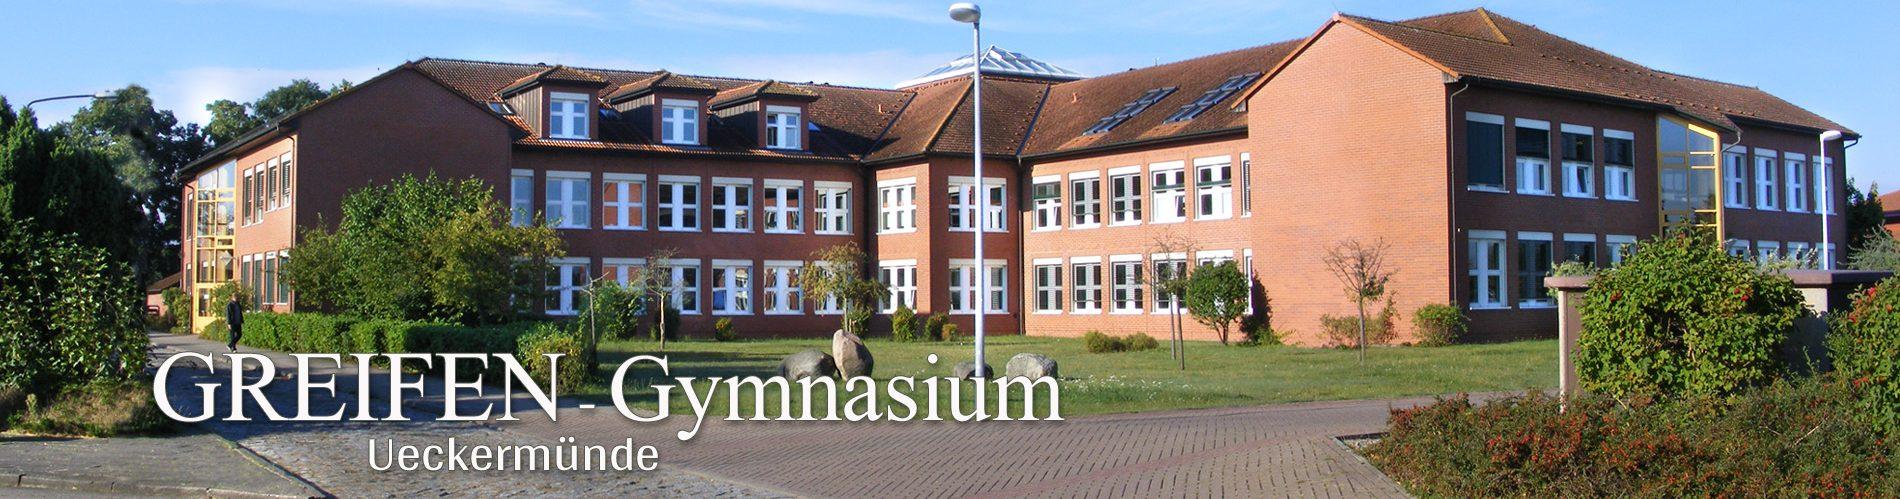 Greifen-Gymnasium Ueckermünde